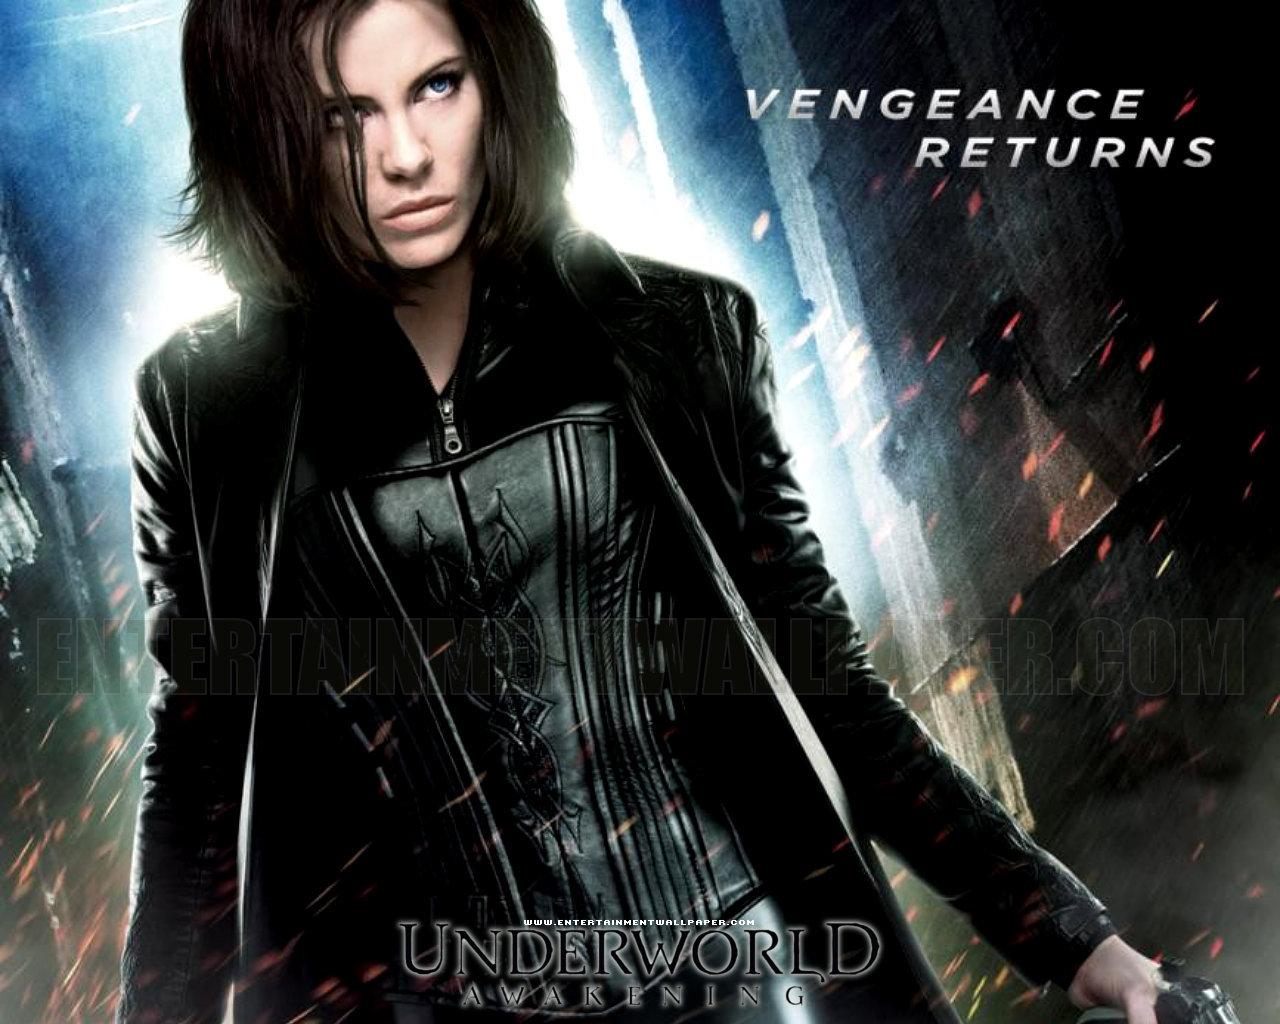 Underworld Awakening 2012   Upcoming Movies Wallpaper 27995856 1280x1024